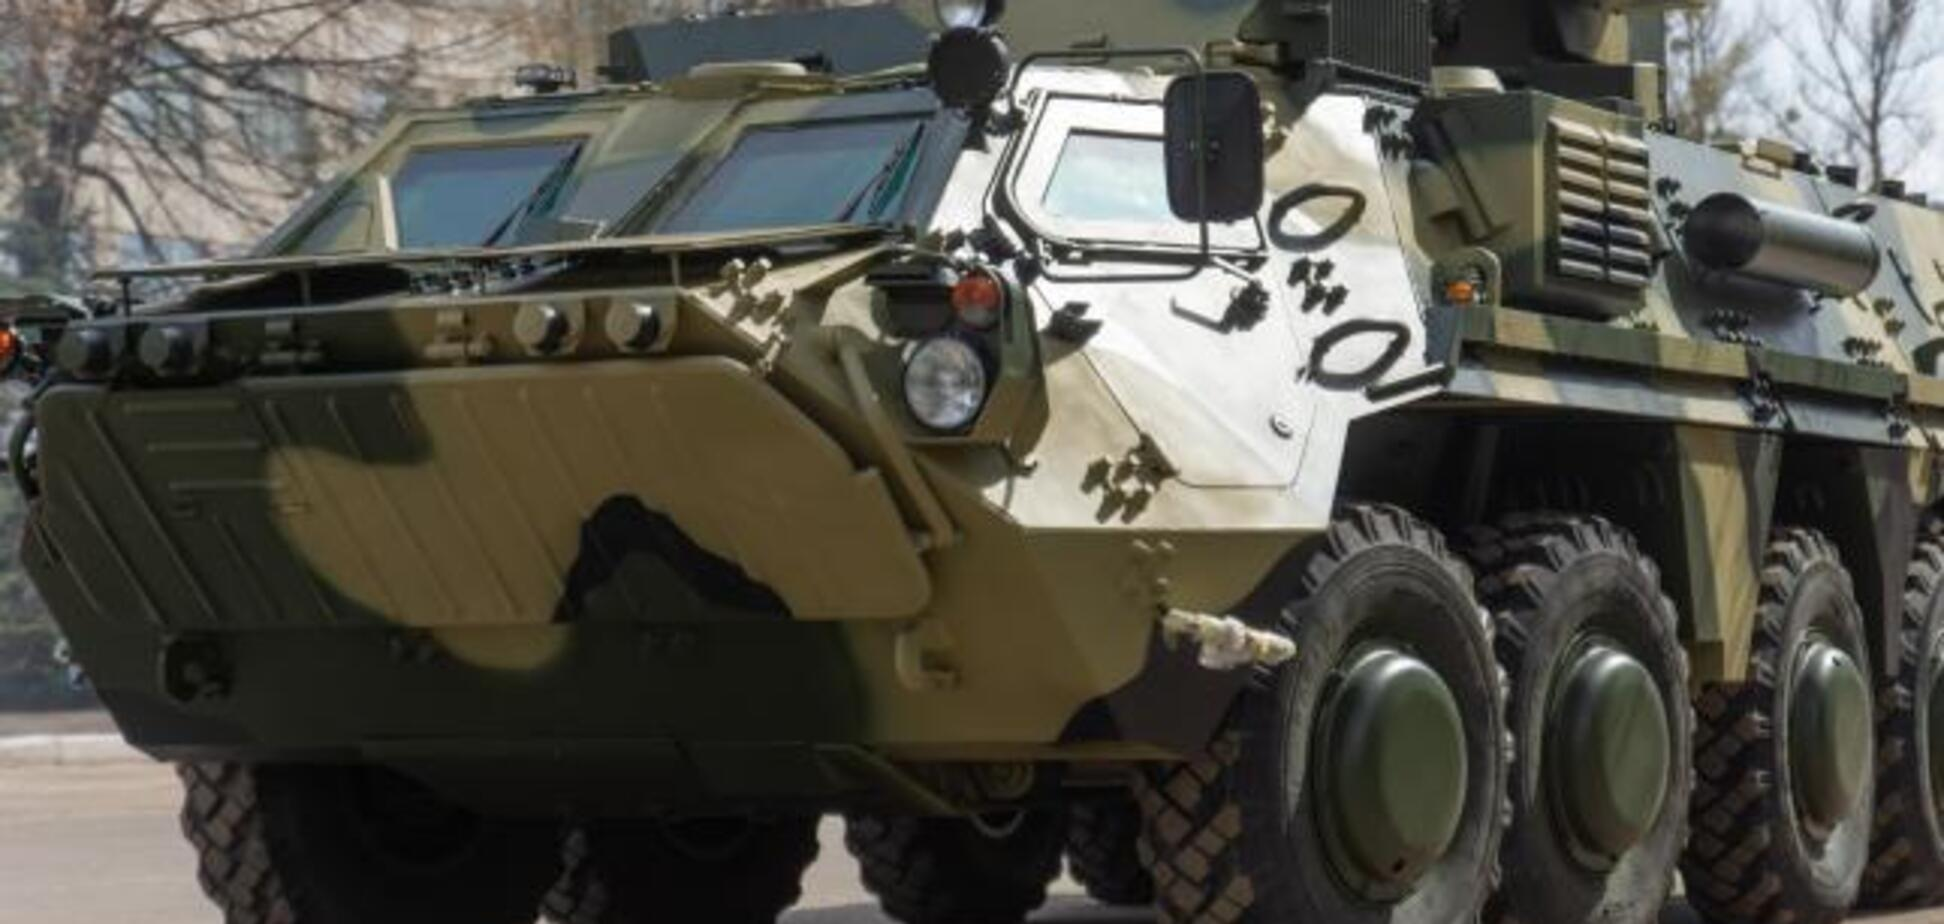 У Запоріжжі верхівка поліції провернула хитру аферу з колесами для БТР